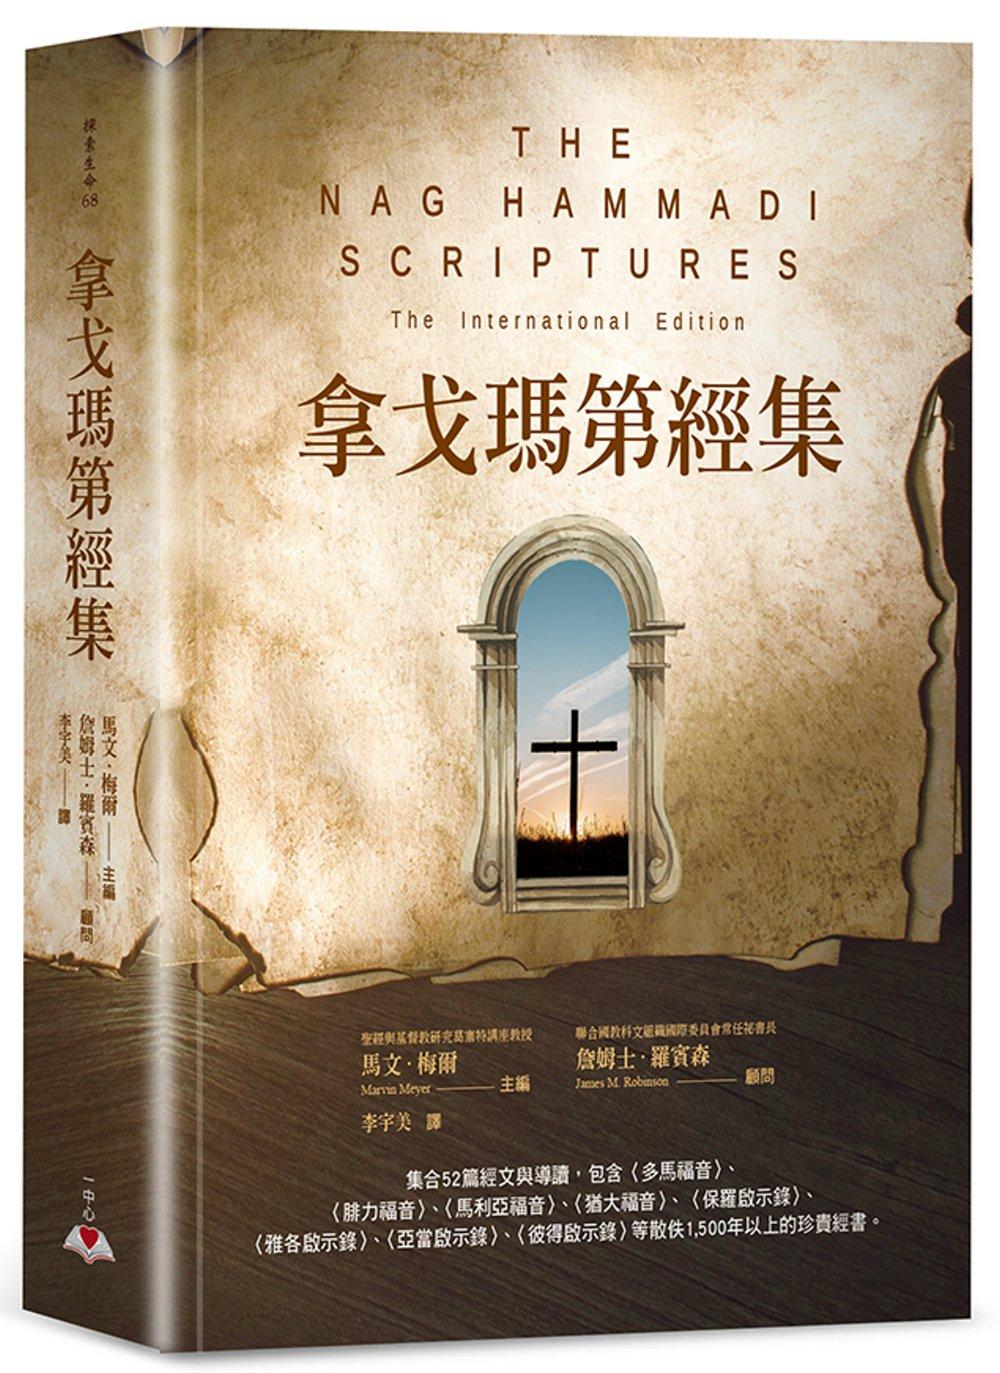 拿戈瑪第經集:散佚的聖經篇章,...